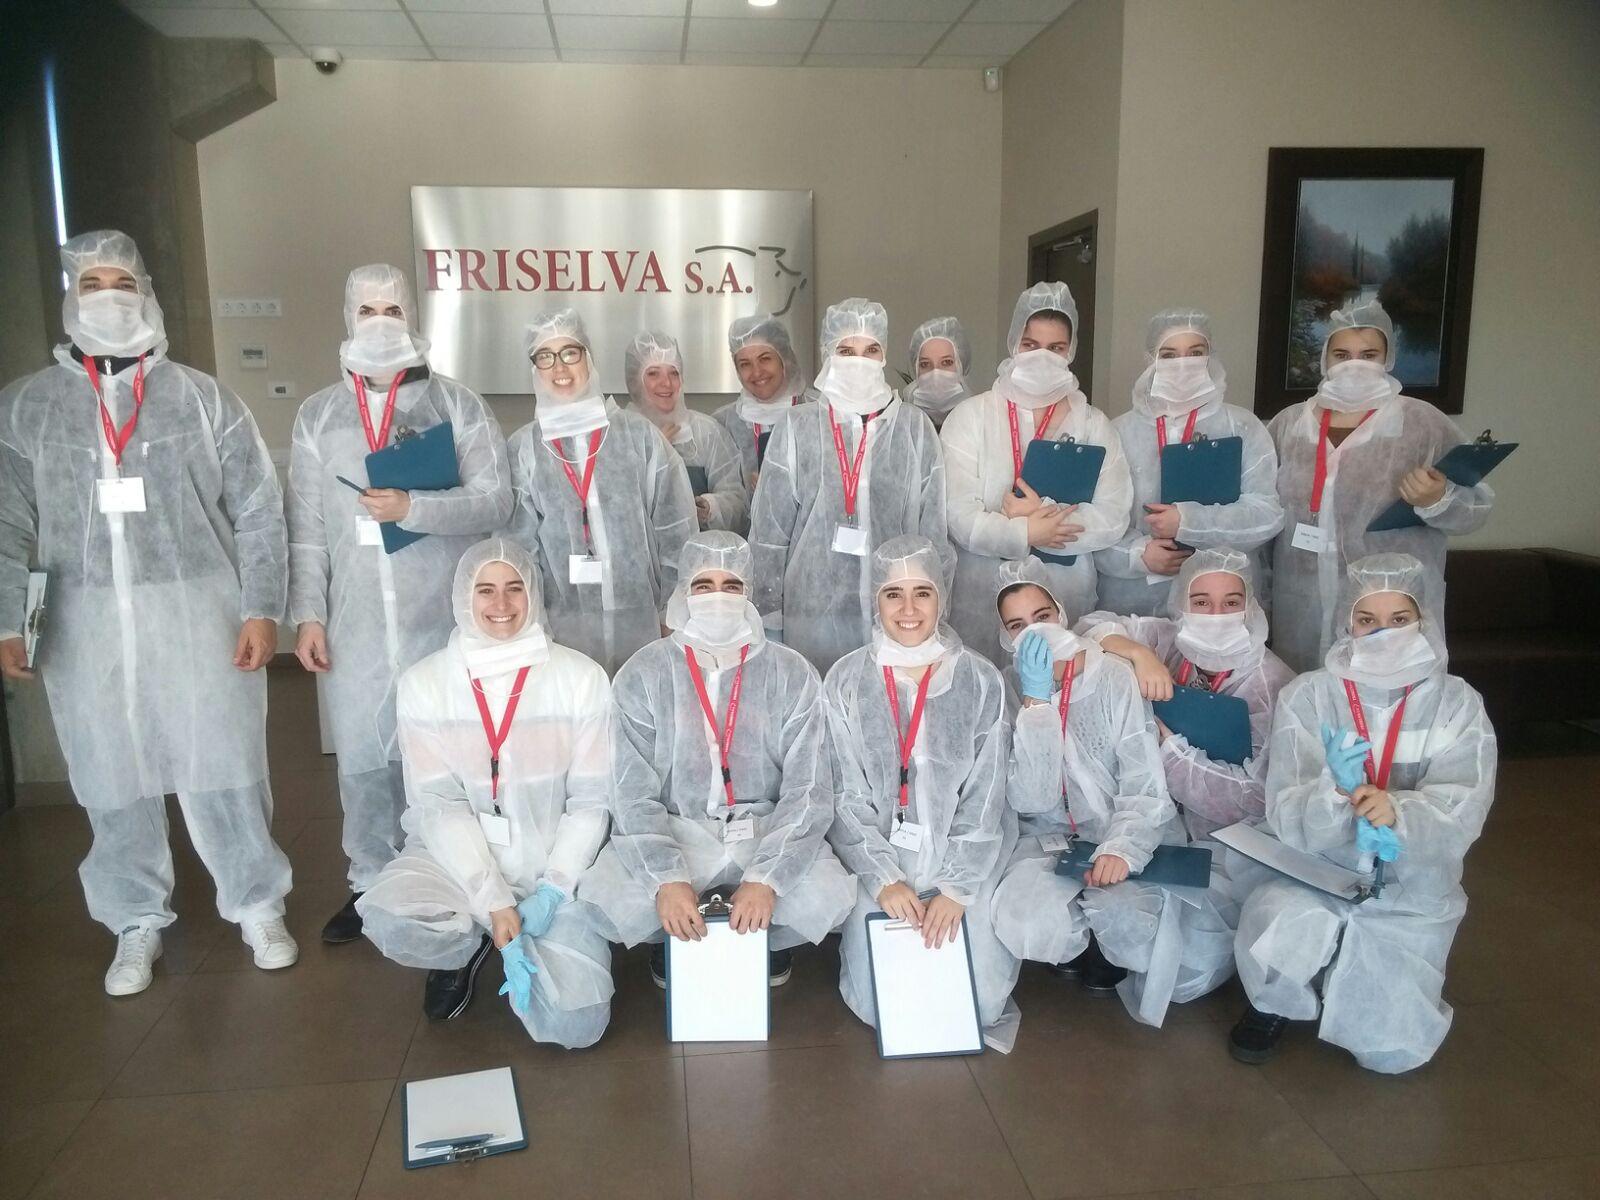 Els alumnes de 2n curs del Cicle de Tècnic Superior en Dietètica del Centre Privat Garbí visiten l'escorxador i la sala de desfer de Friselva